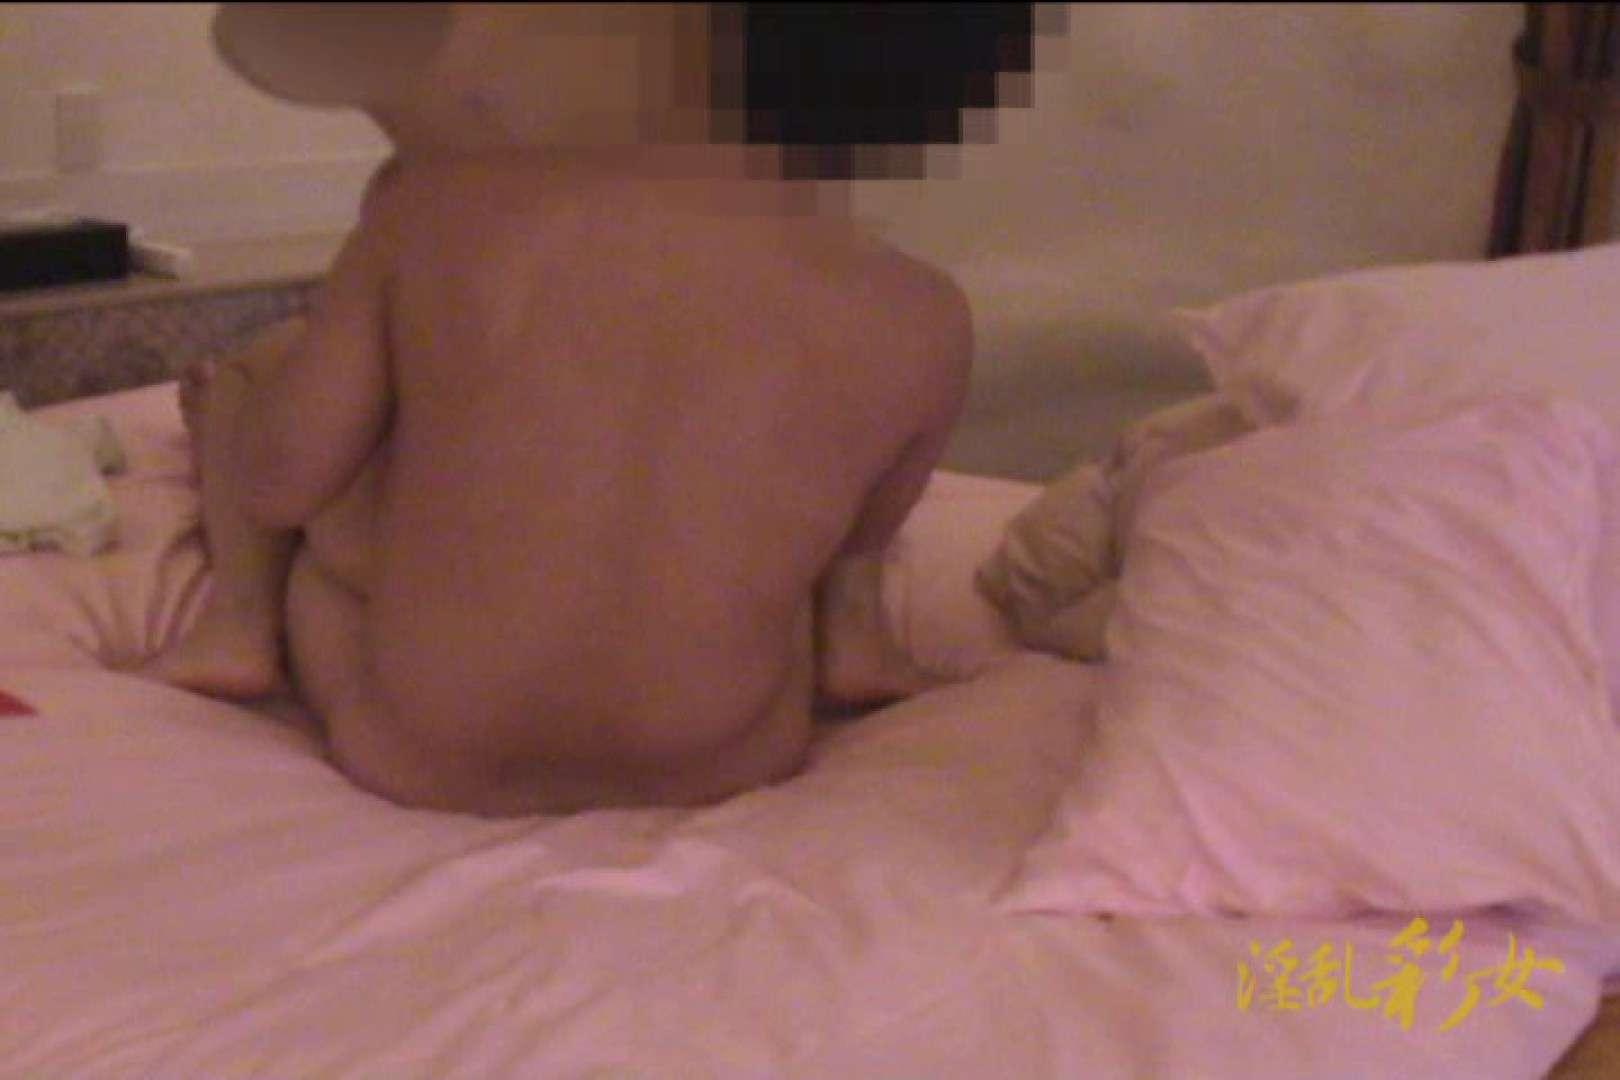 淫乱彩女 麻優里 30代の公認彼氏に貸し出し3 一般投稿   中出し  99画像 47